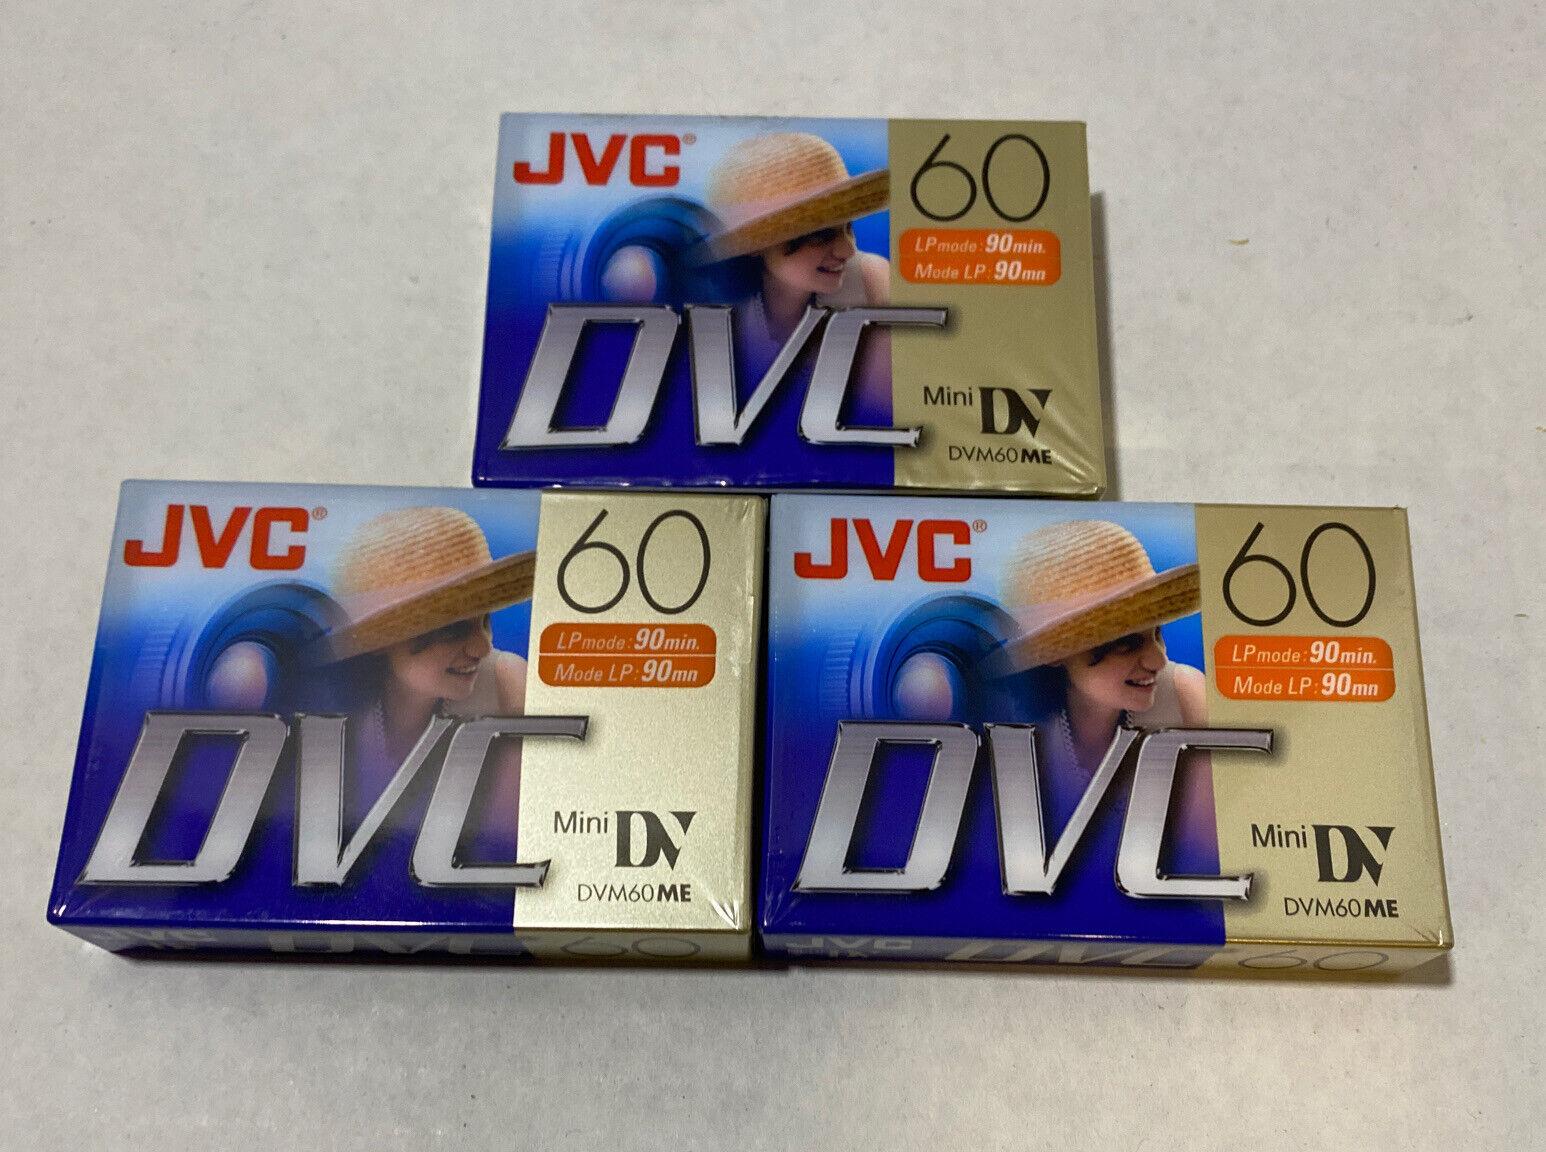 JVC DVC Mini-DV 60 3 Packs of Blank Tapes Digital Video Cassettes New Sealed